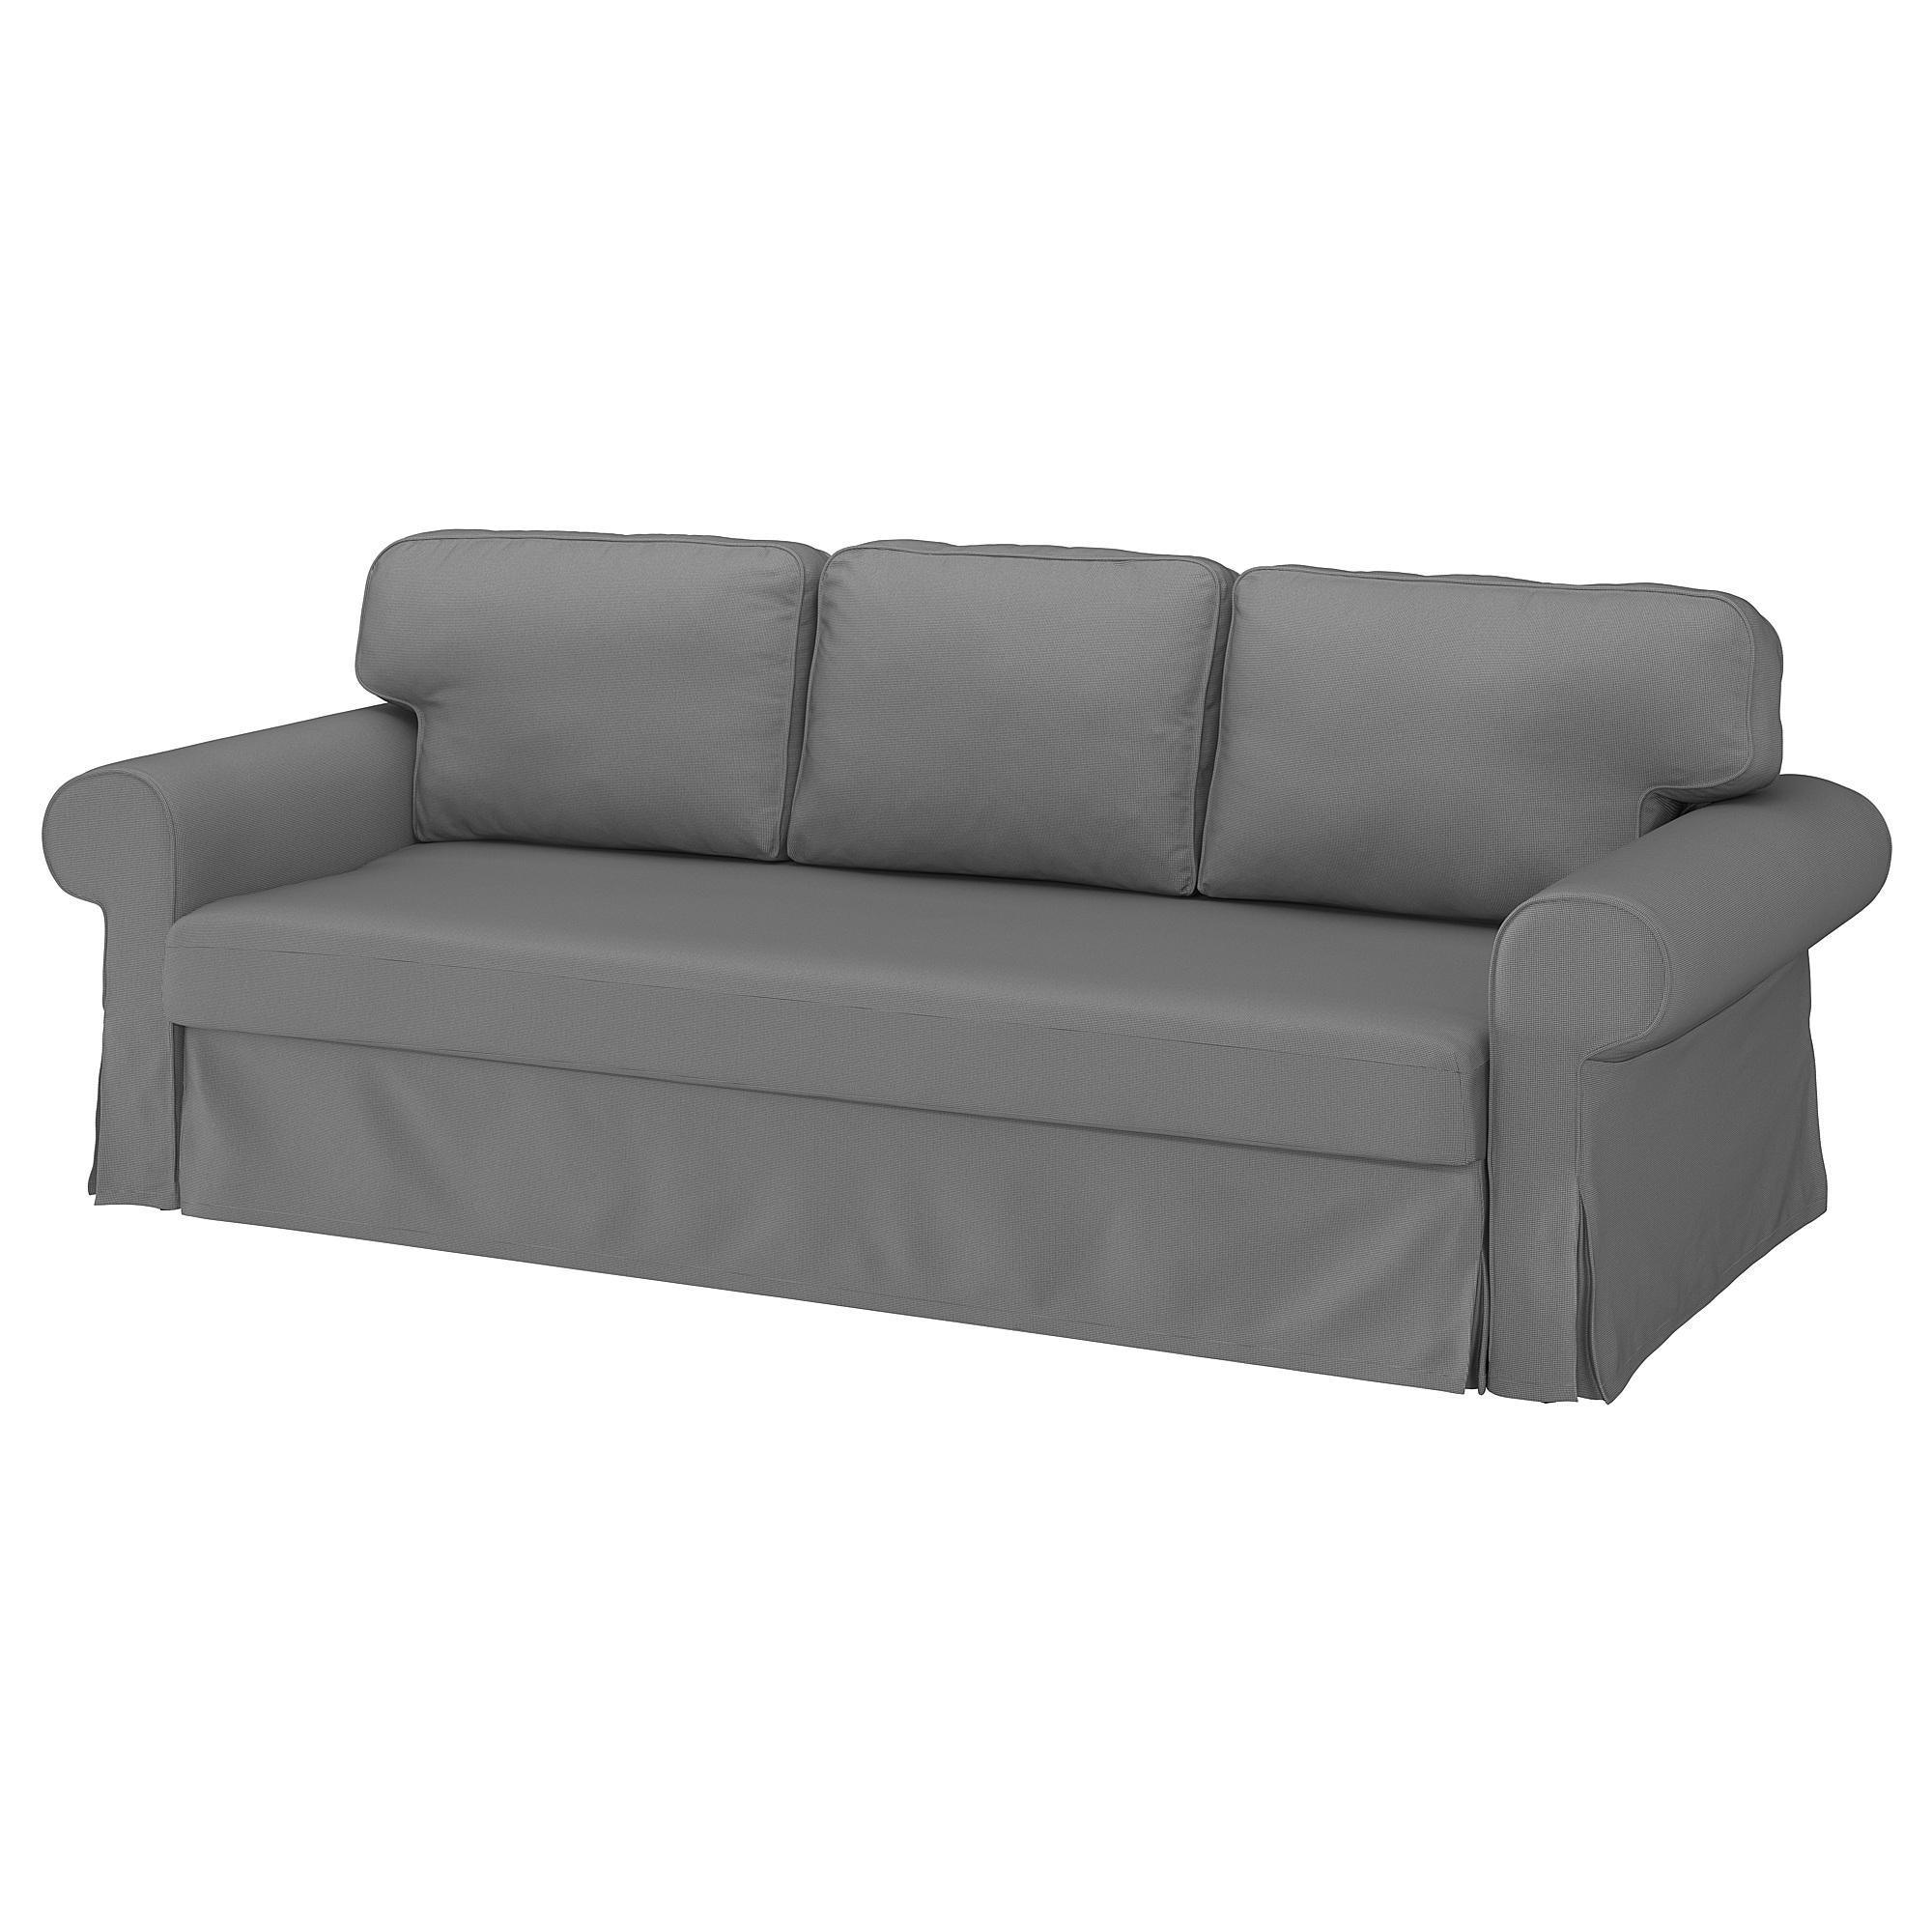 VRETSTORP - 三座位梳化床, Remmarn 淺灰色 | IKEA 香港及澳門